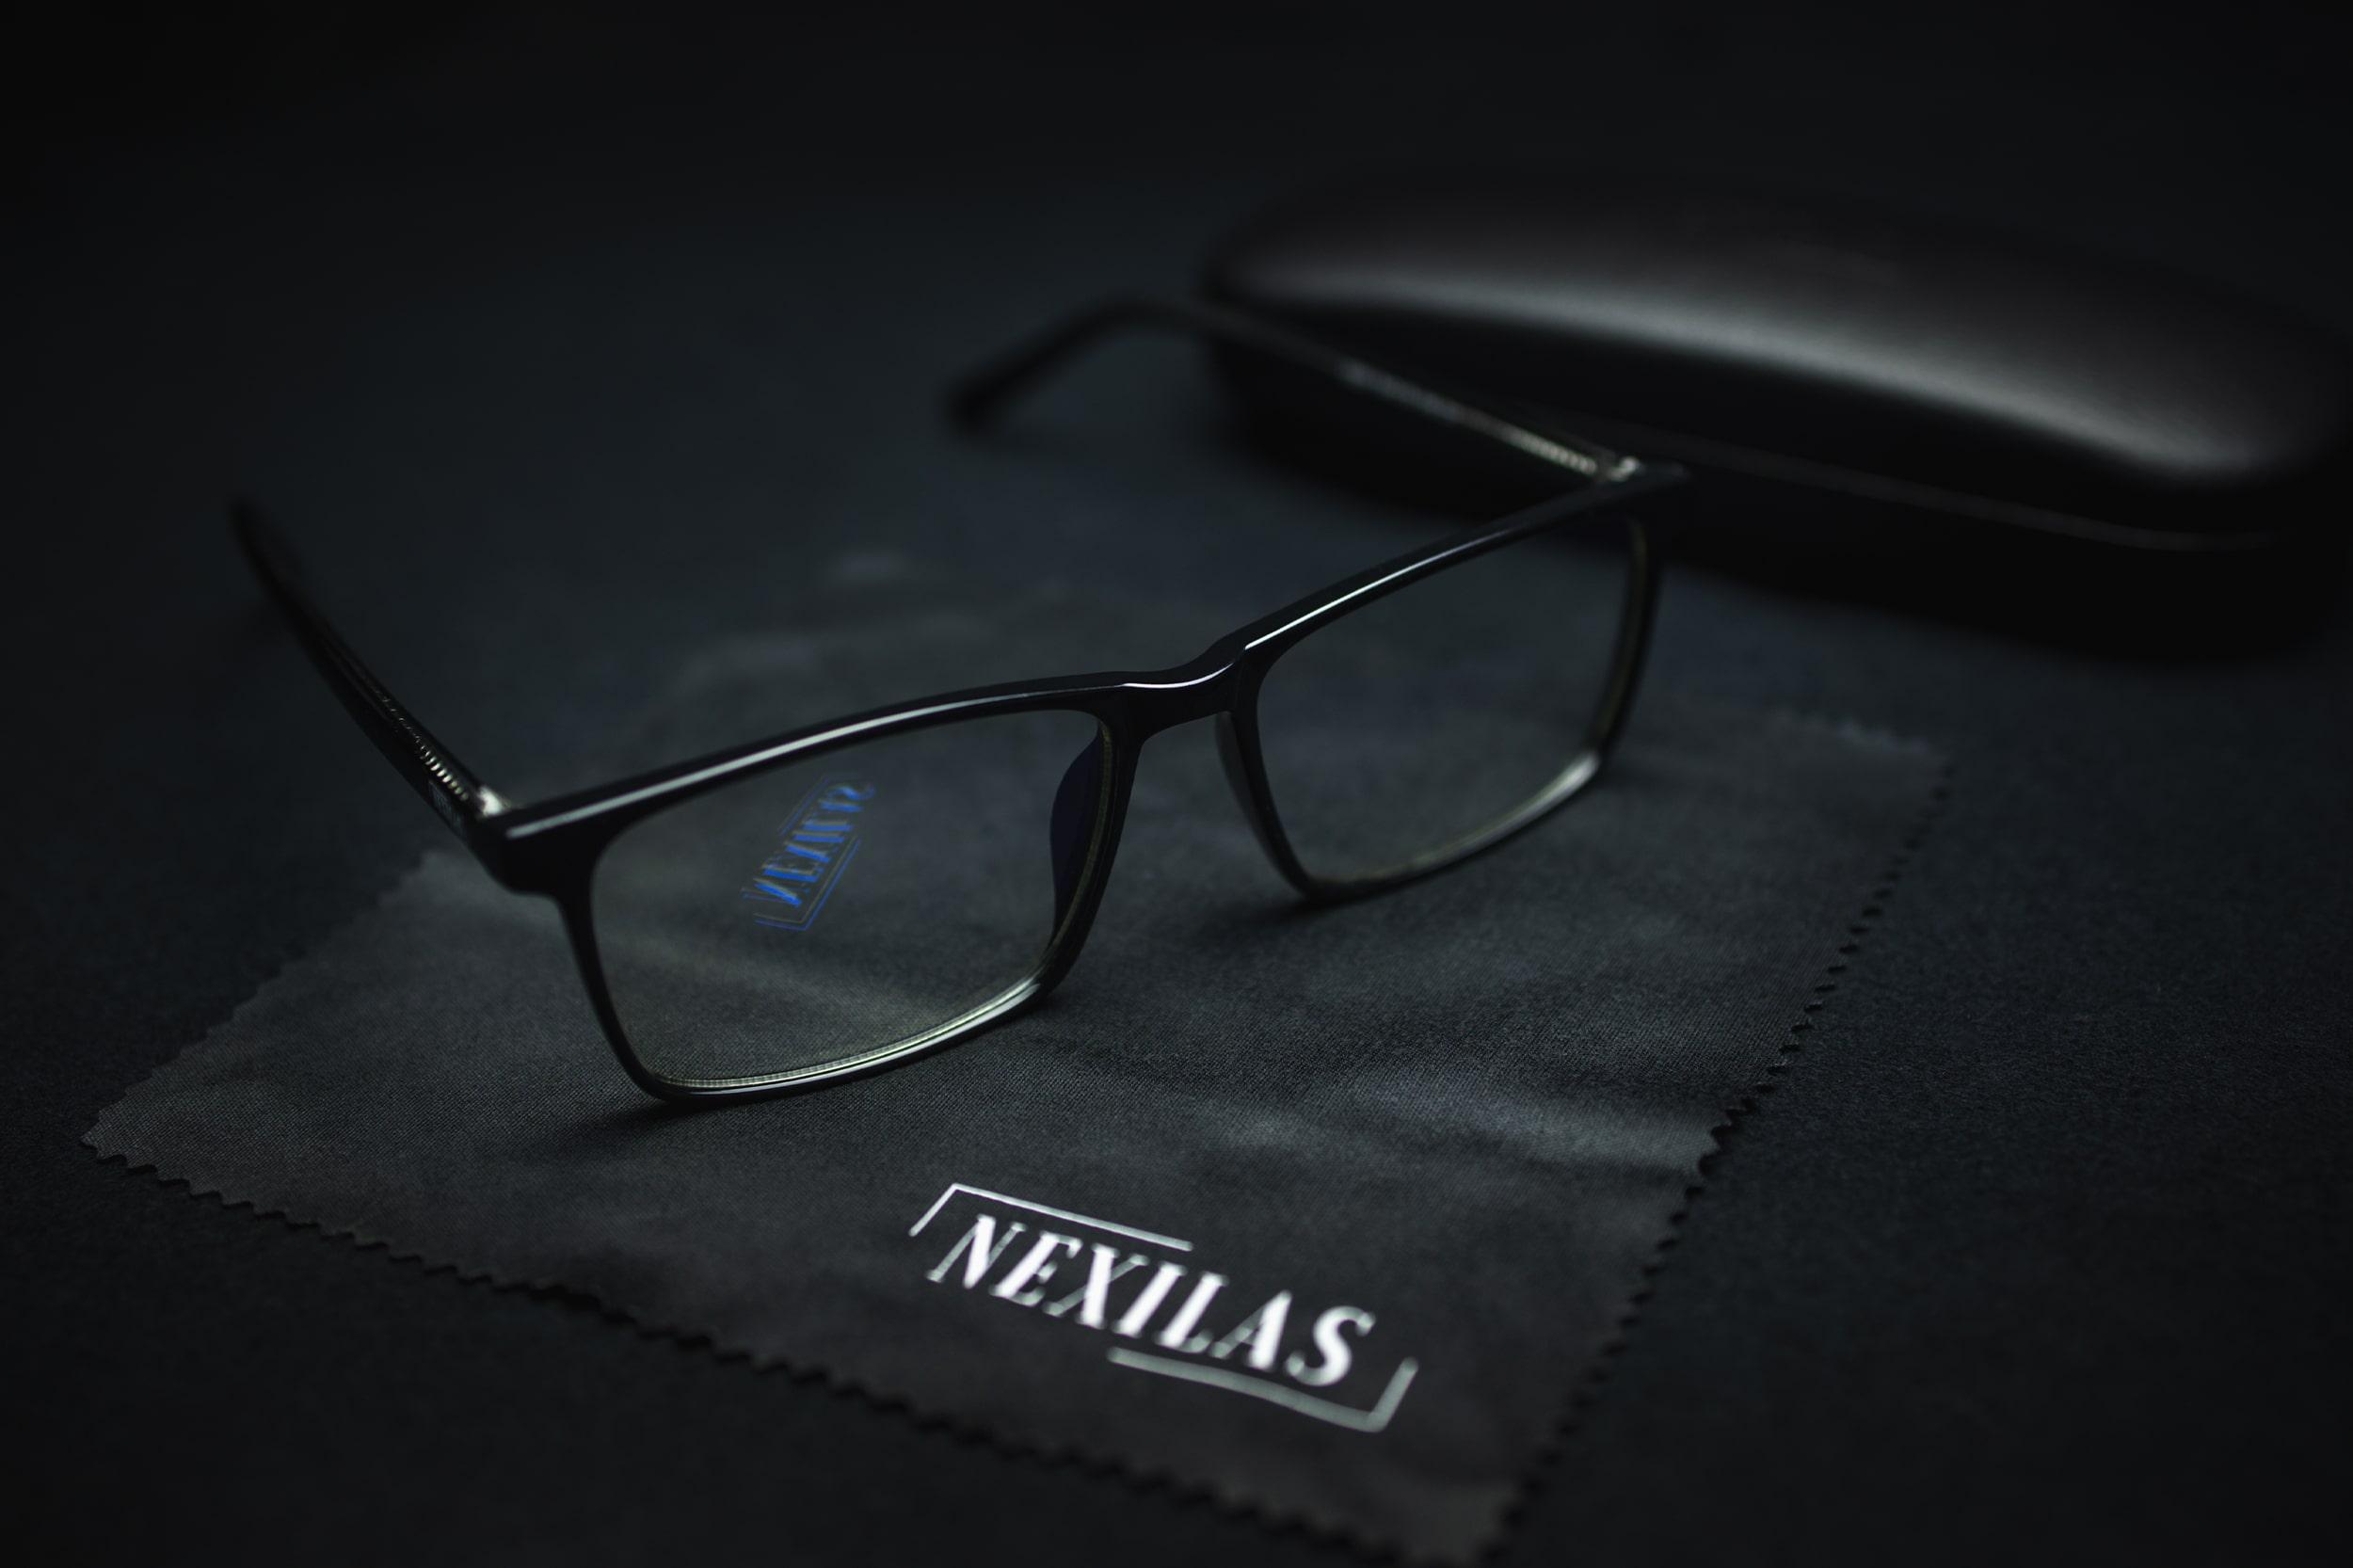 Nexilas - Blue Shield Protect -Lunettes anti lumière bleue